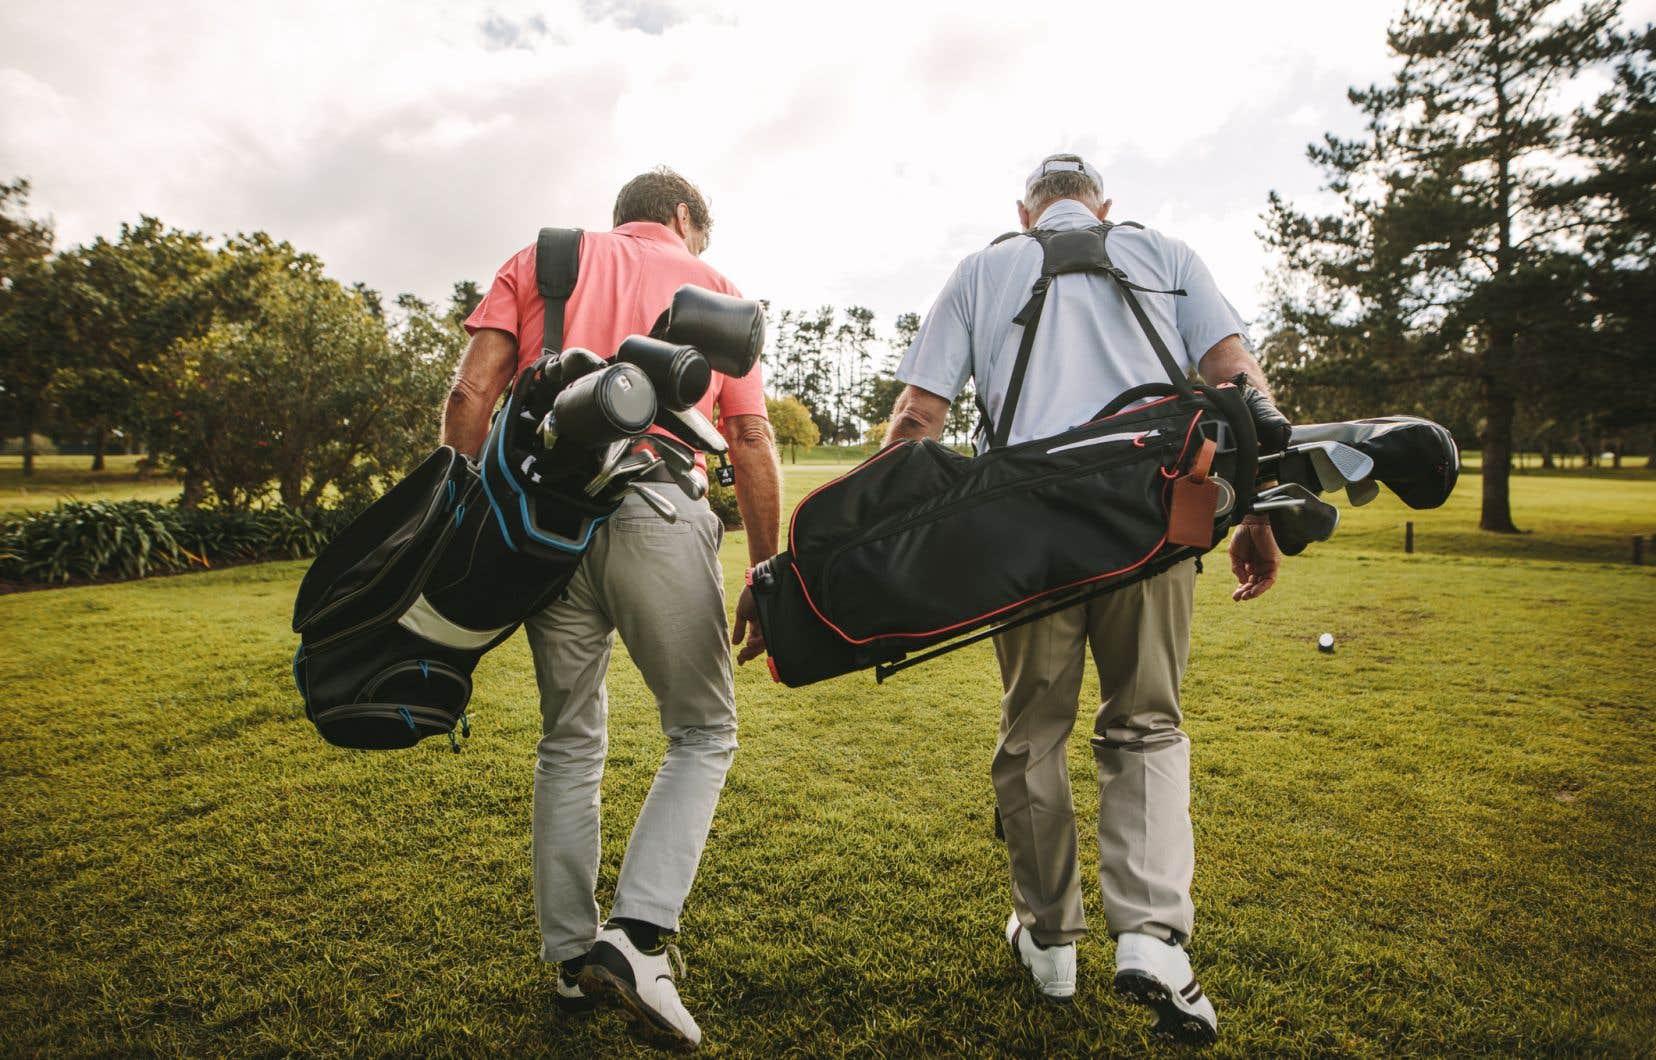 «Le golf, à mon avis, est probablement l'un des sports les moins à risque de transmission», affirmeSylvain Patry, au Club International 2000 de Saint-Bernard-de-Lacolle.